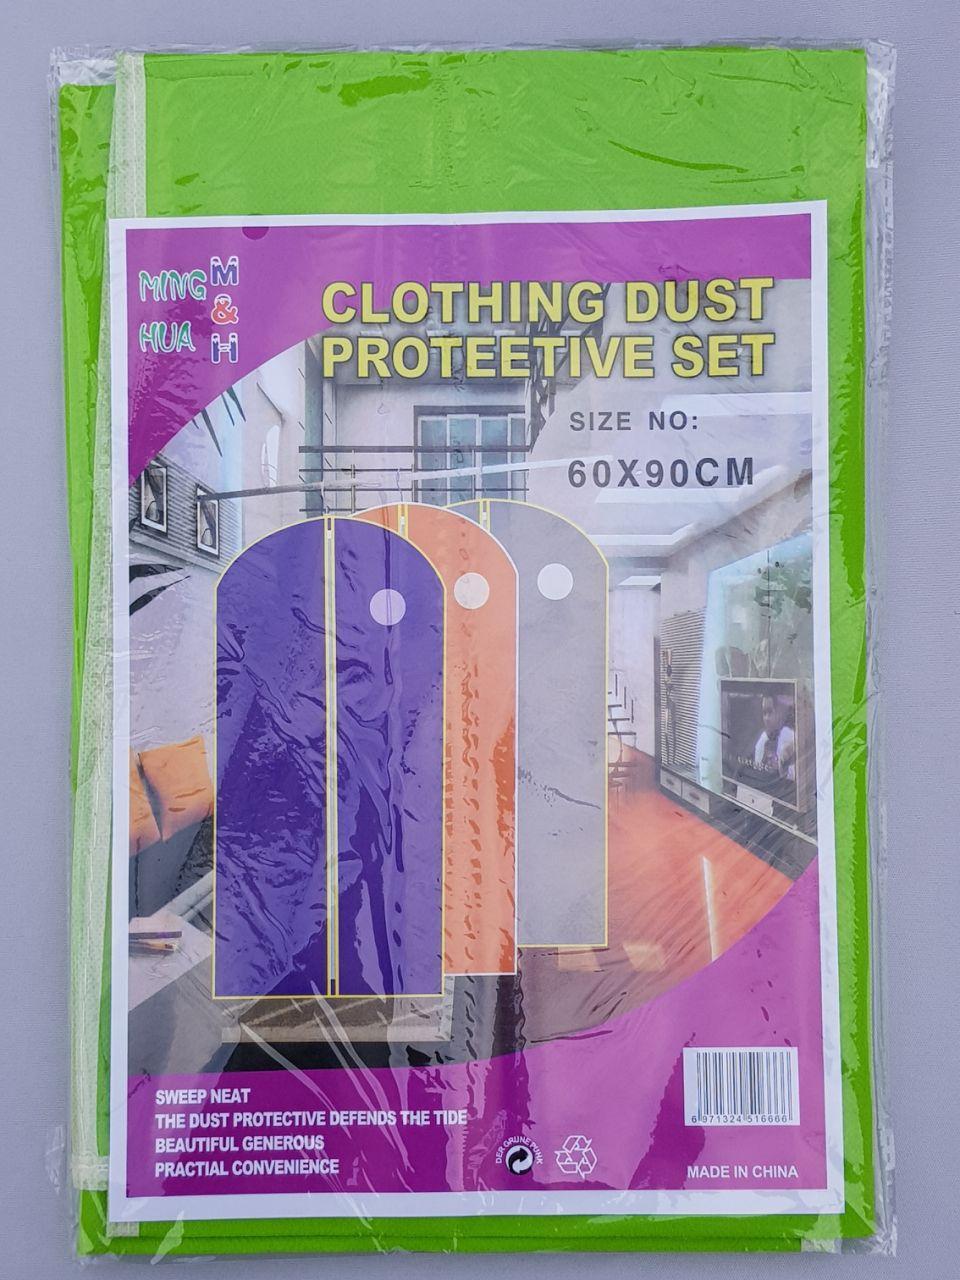 Чехол для хранения одежды флизелиновый на молнии салатового цвета, размер 60*90 см